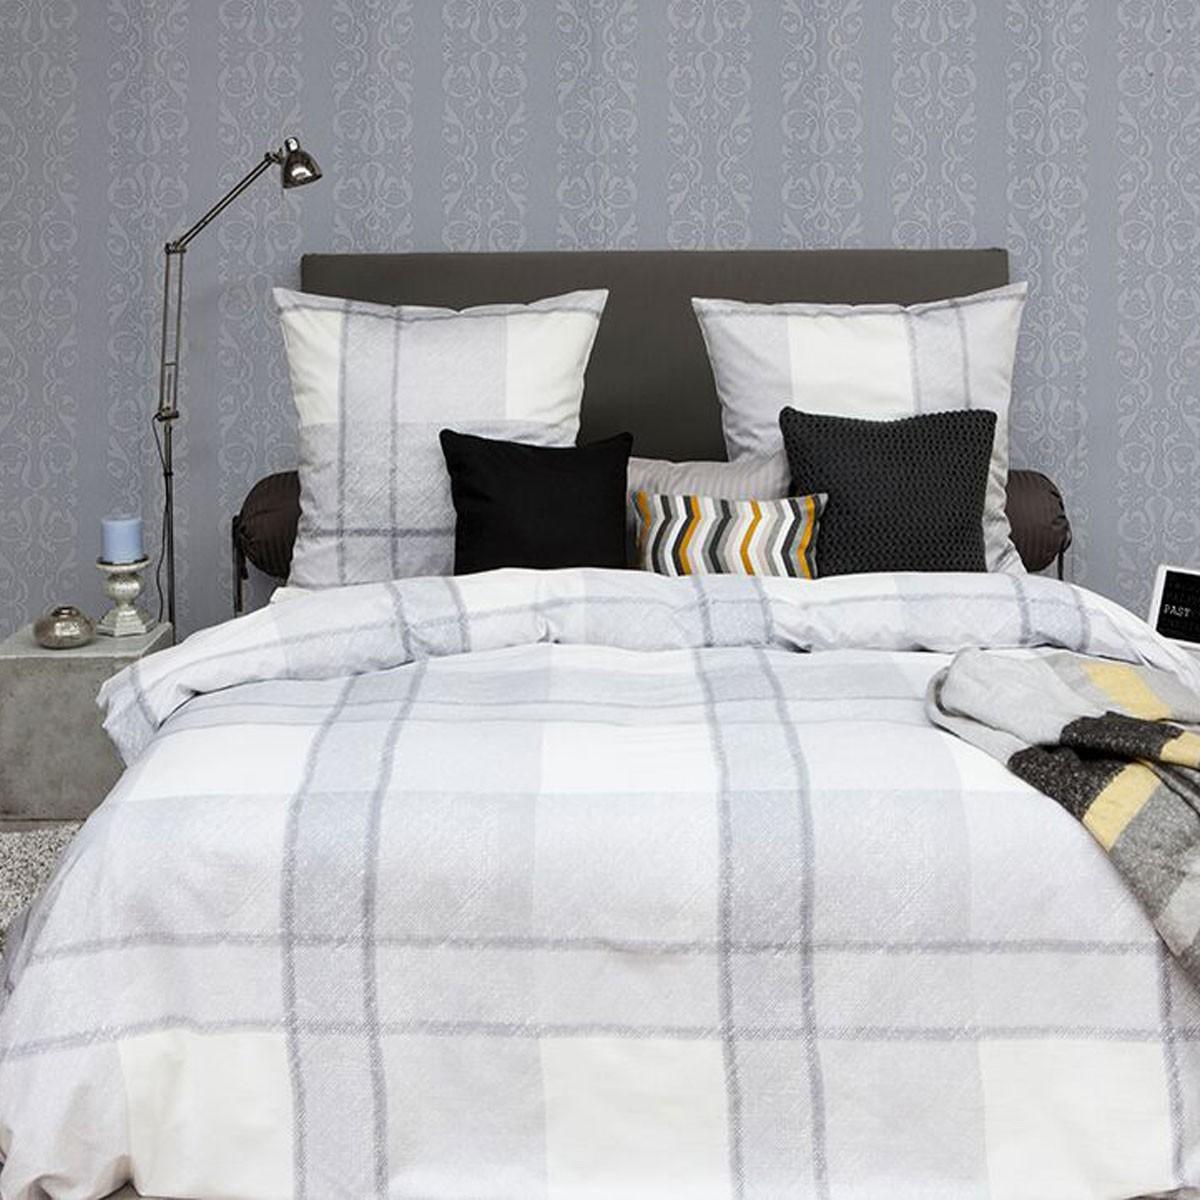 hnl baumwoll satin bettw sche karos grau 4986. Black Bedroom Furniture Sets. Home Design Ideas